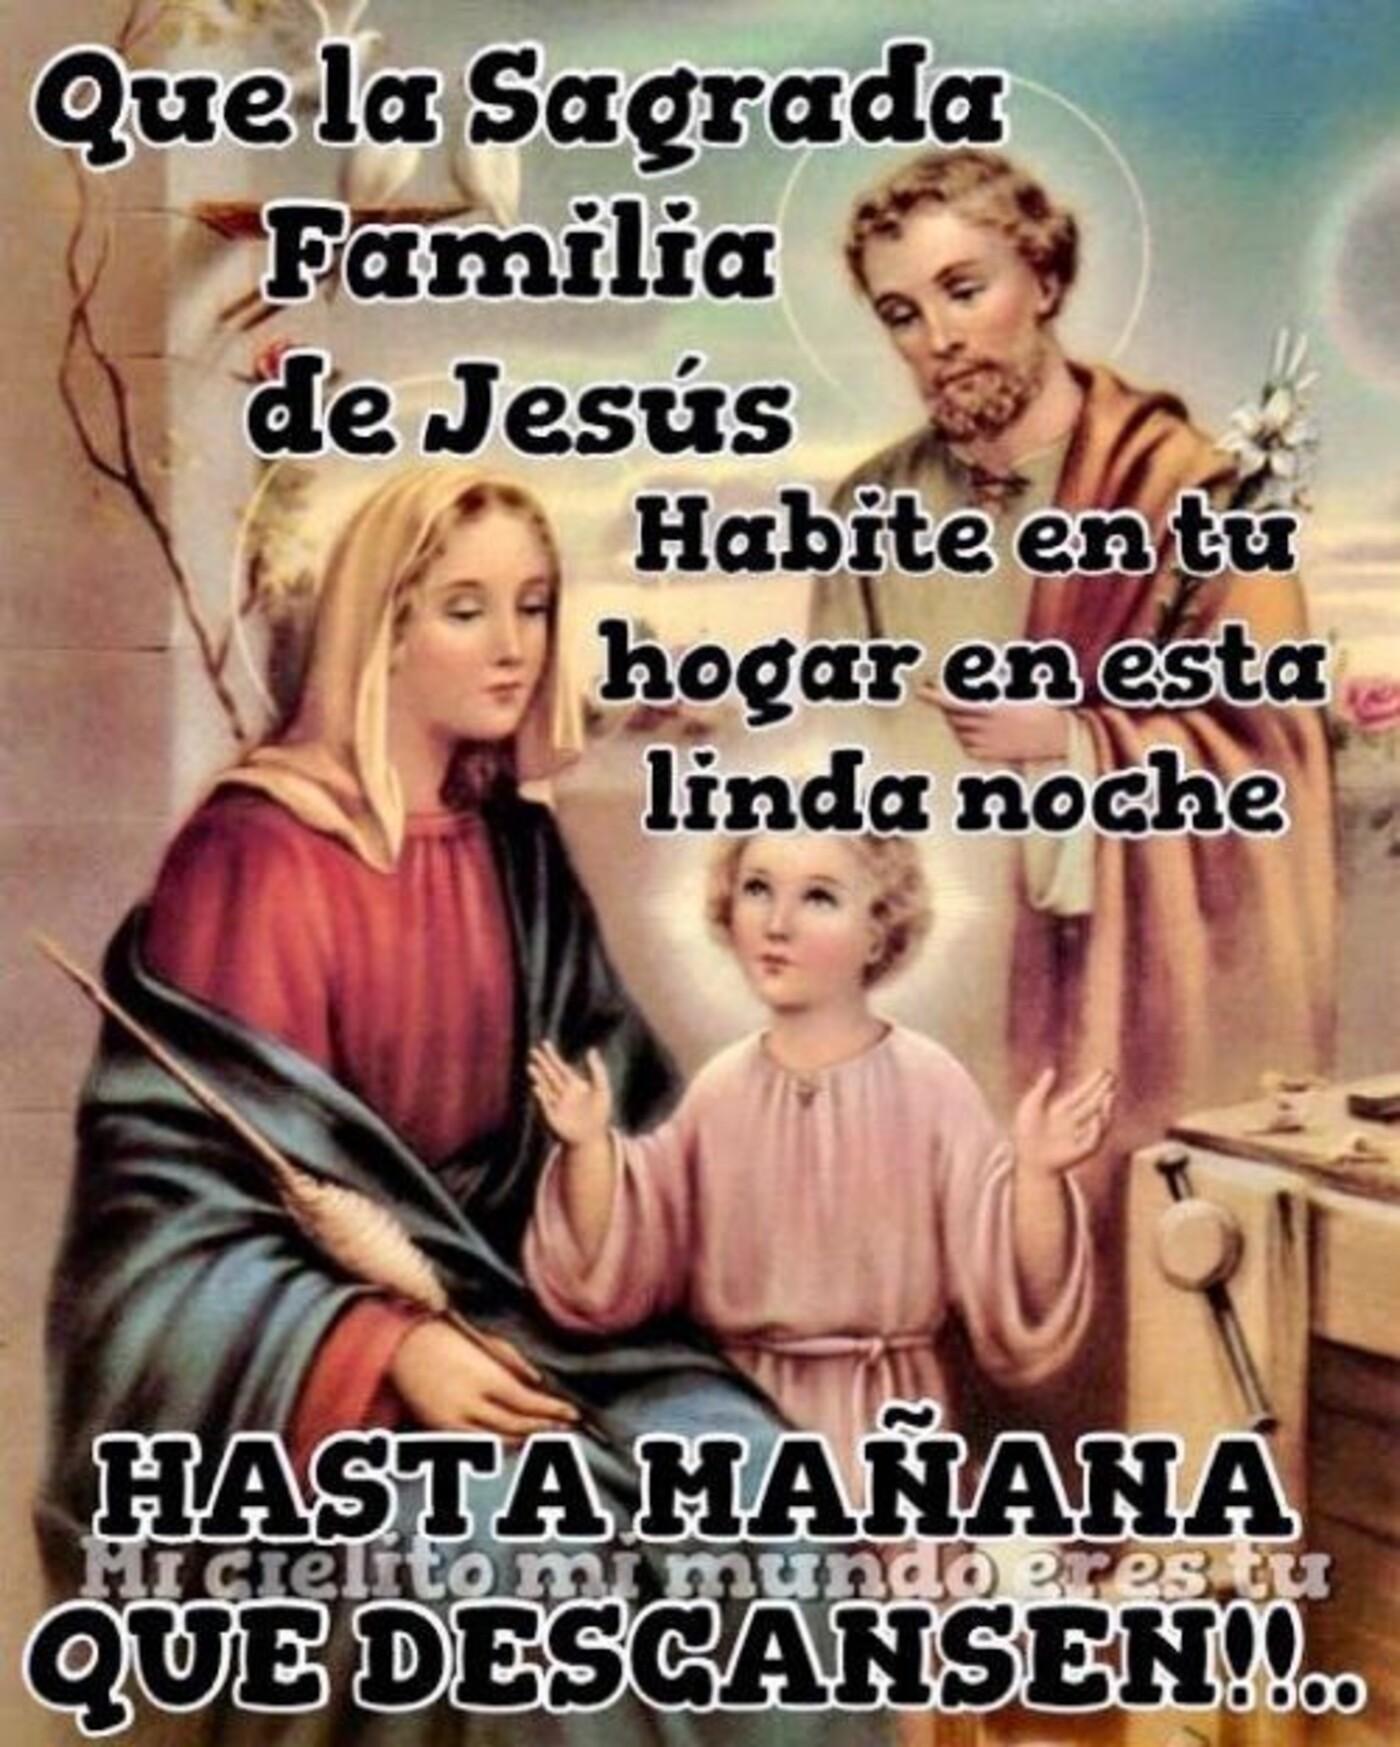 Que la Sagrada Familia De Jesús habite en tu hogar en esta linda noche. Hasta mañana que descansen